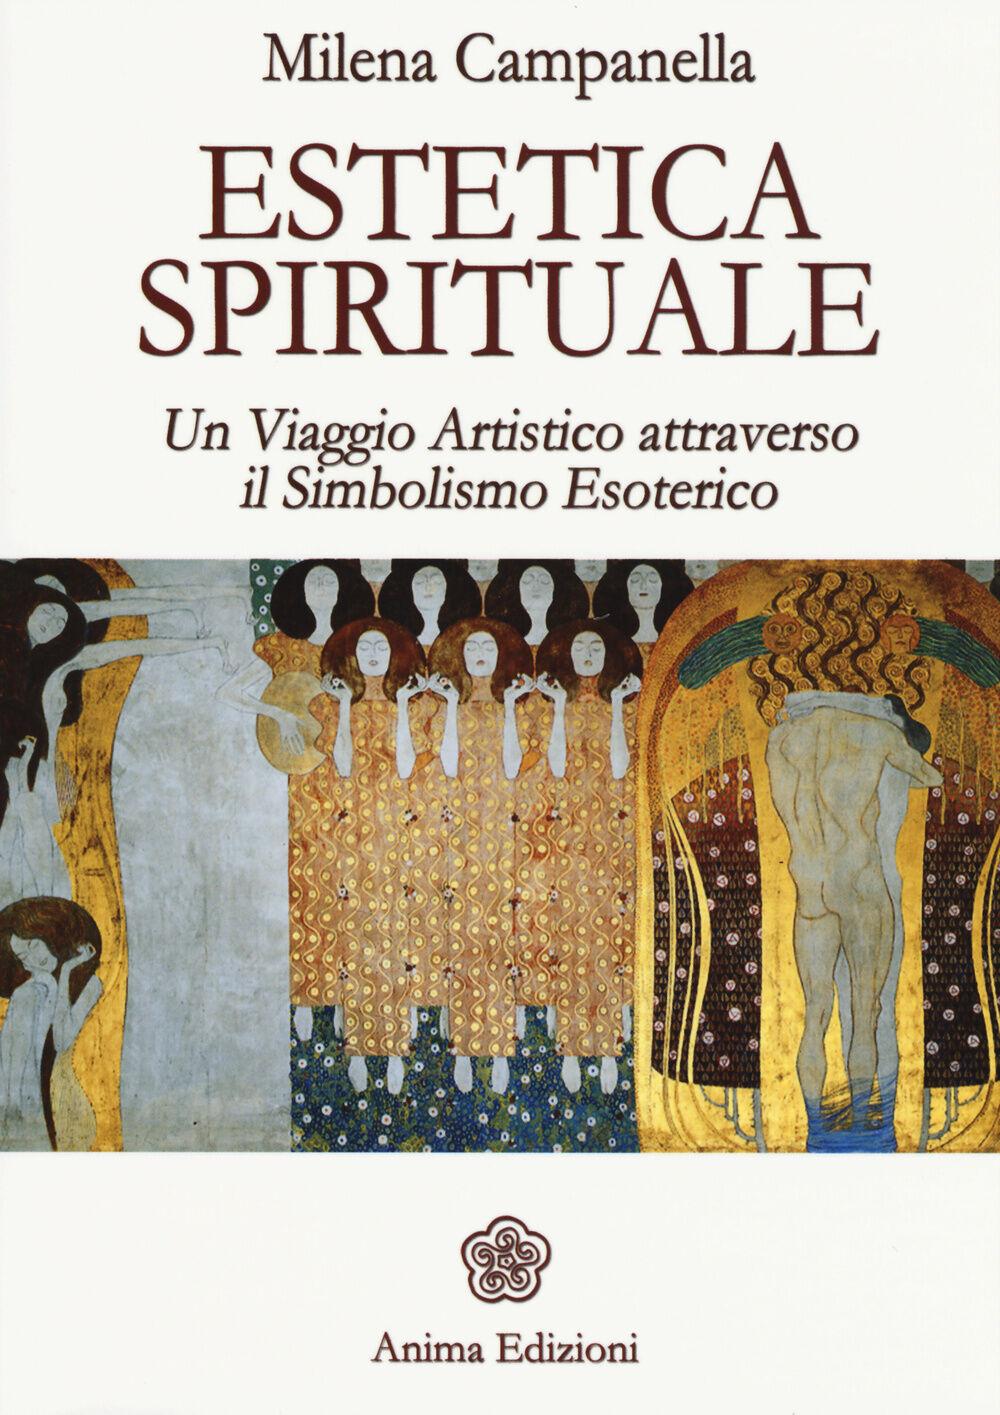 Estetica spirituale. Un viaggio artistico attraverso il simbolismo esoterico